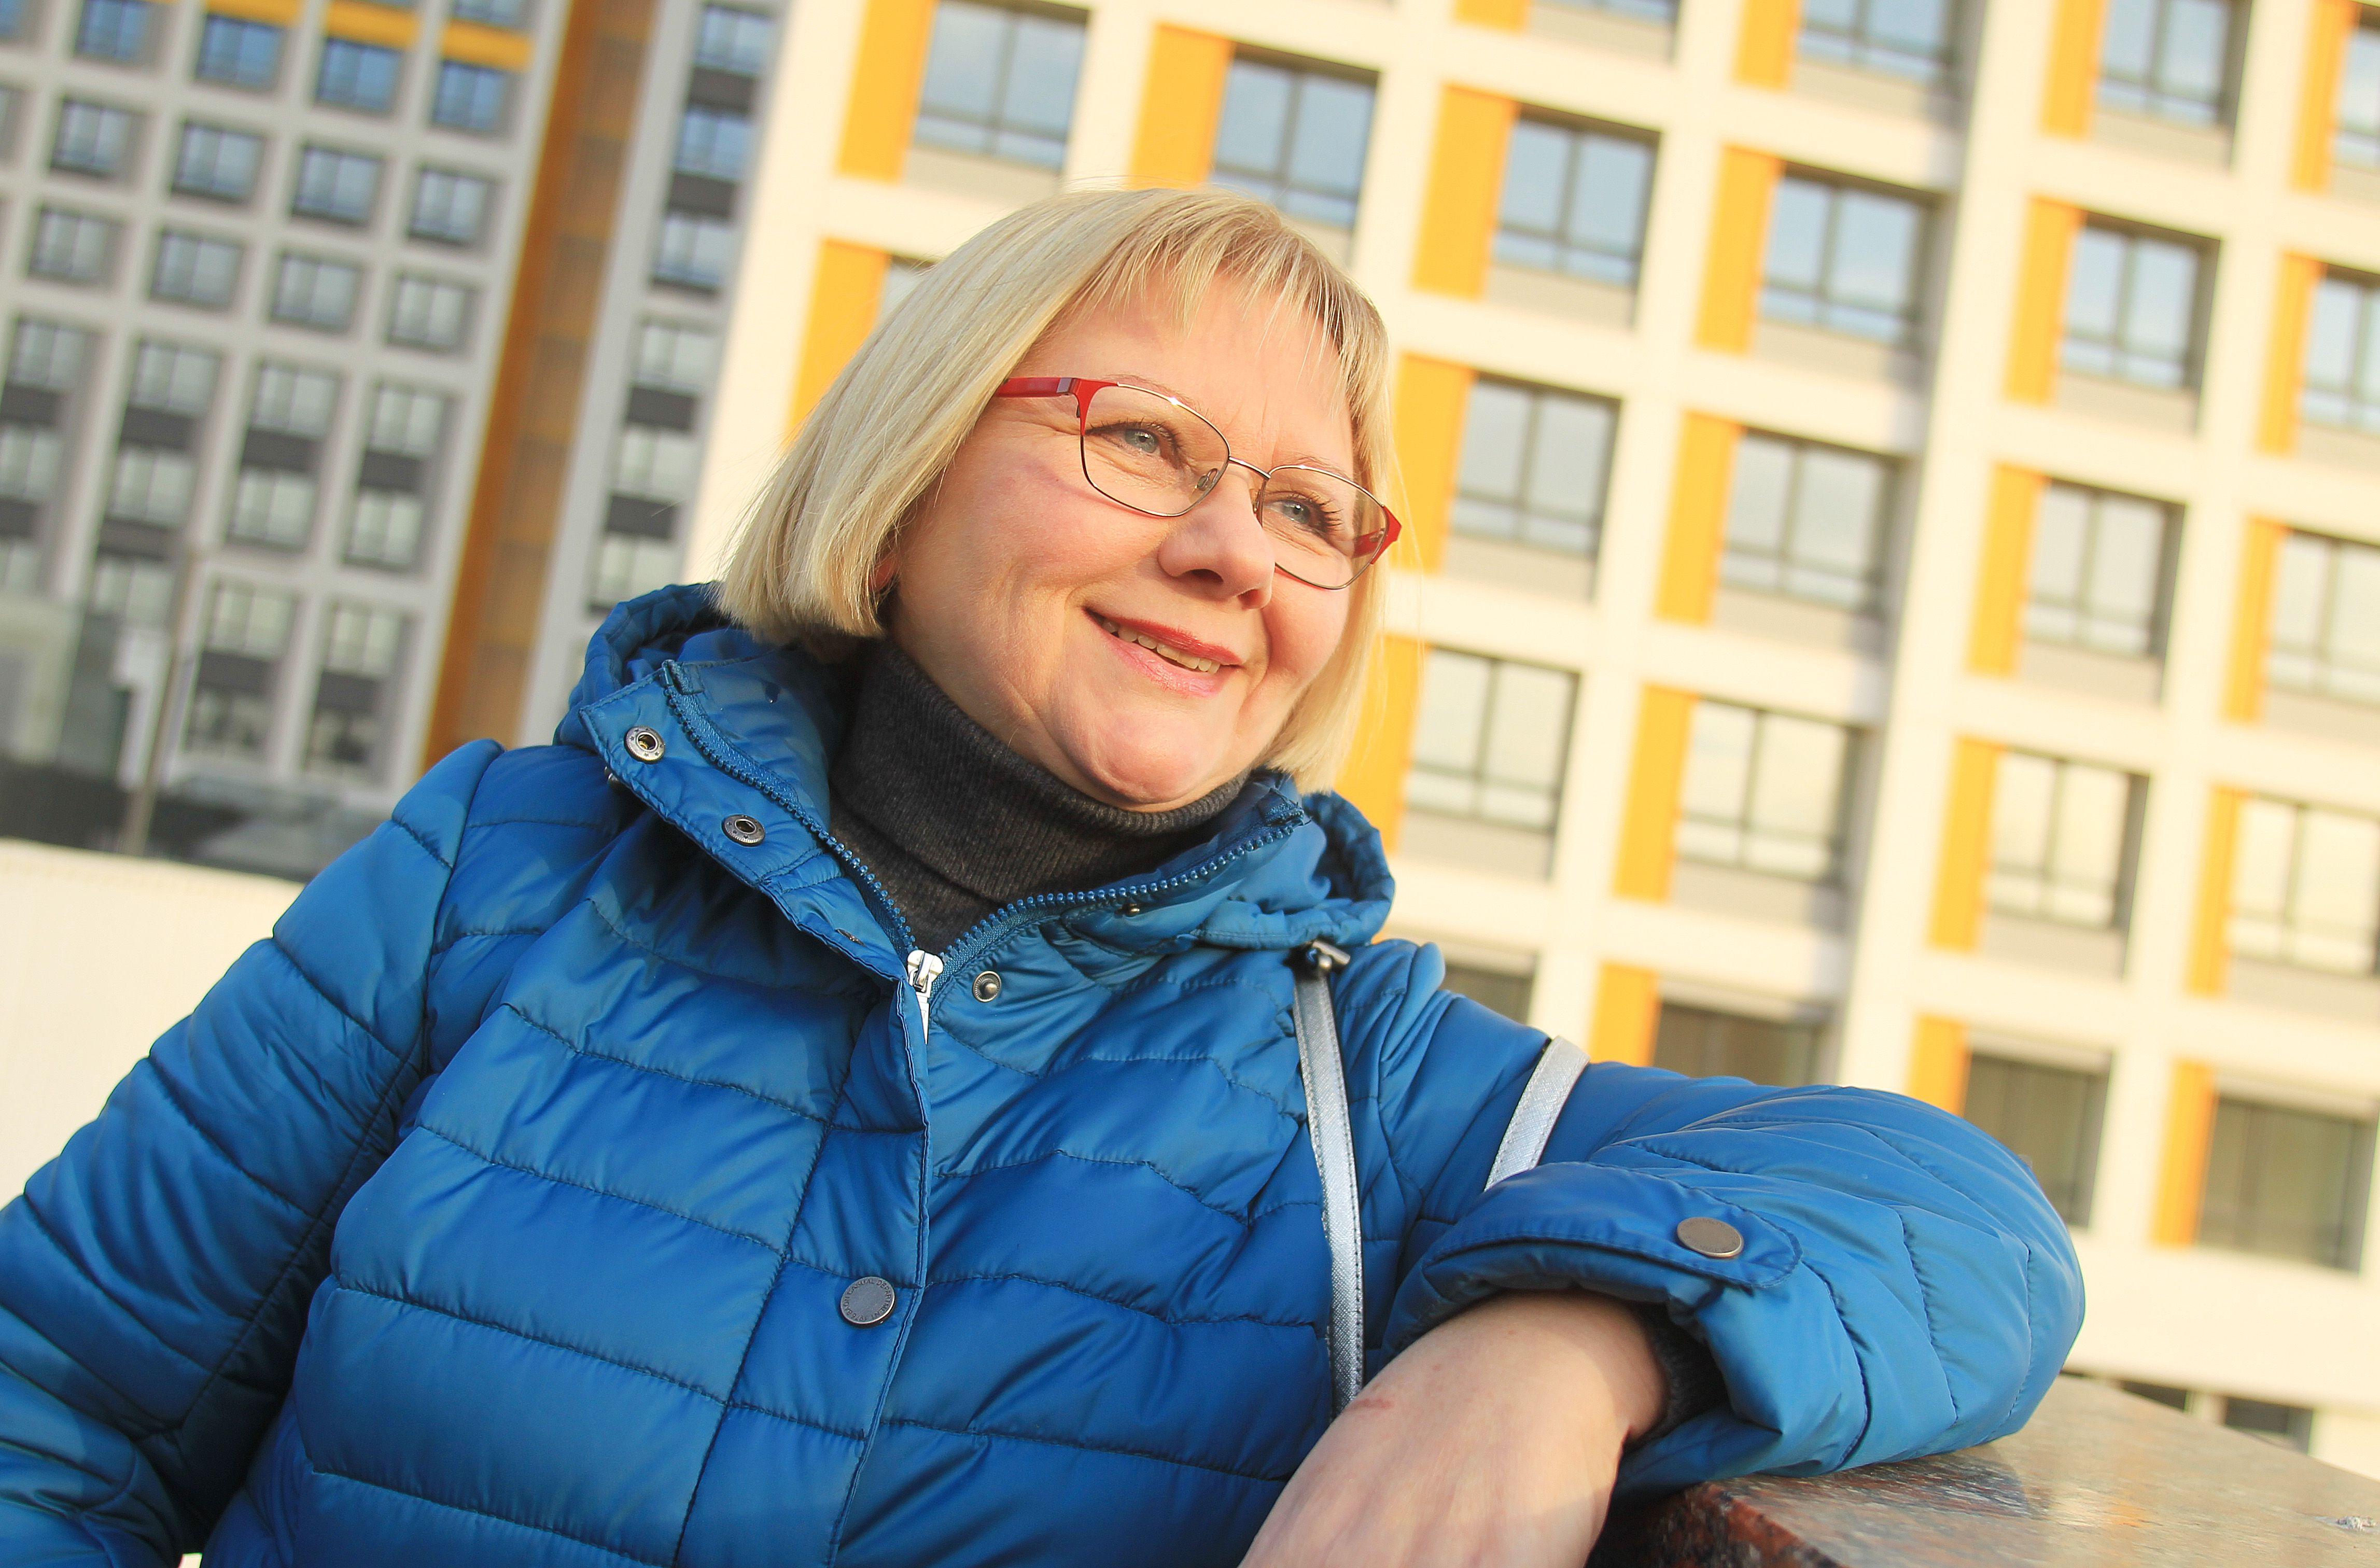 Около 100 тысяч квартир продали на первичном рынке в Новой Москве